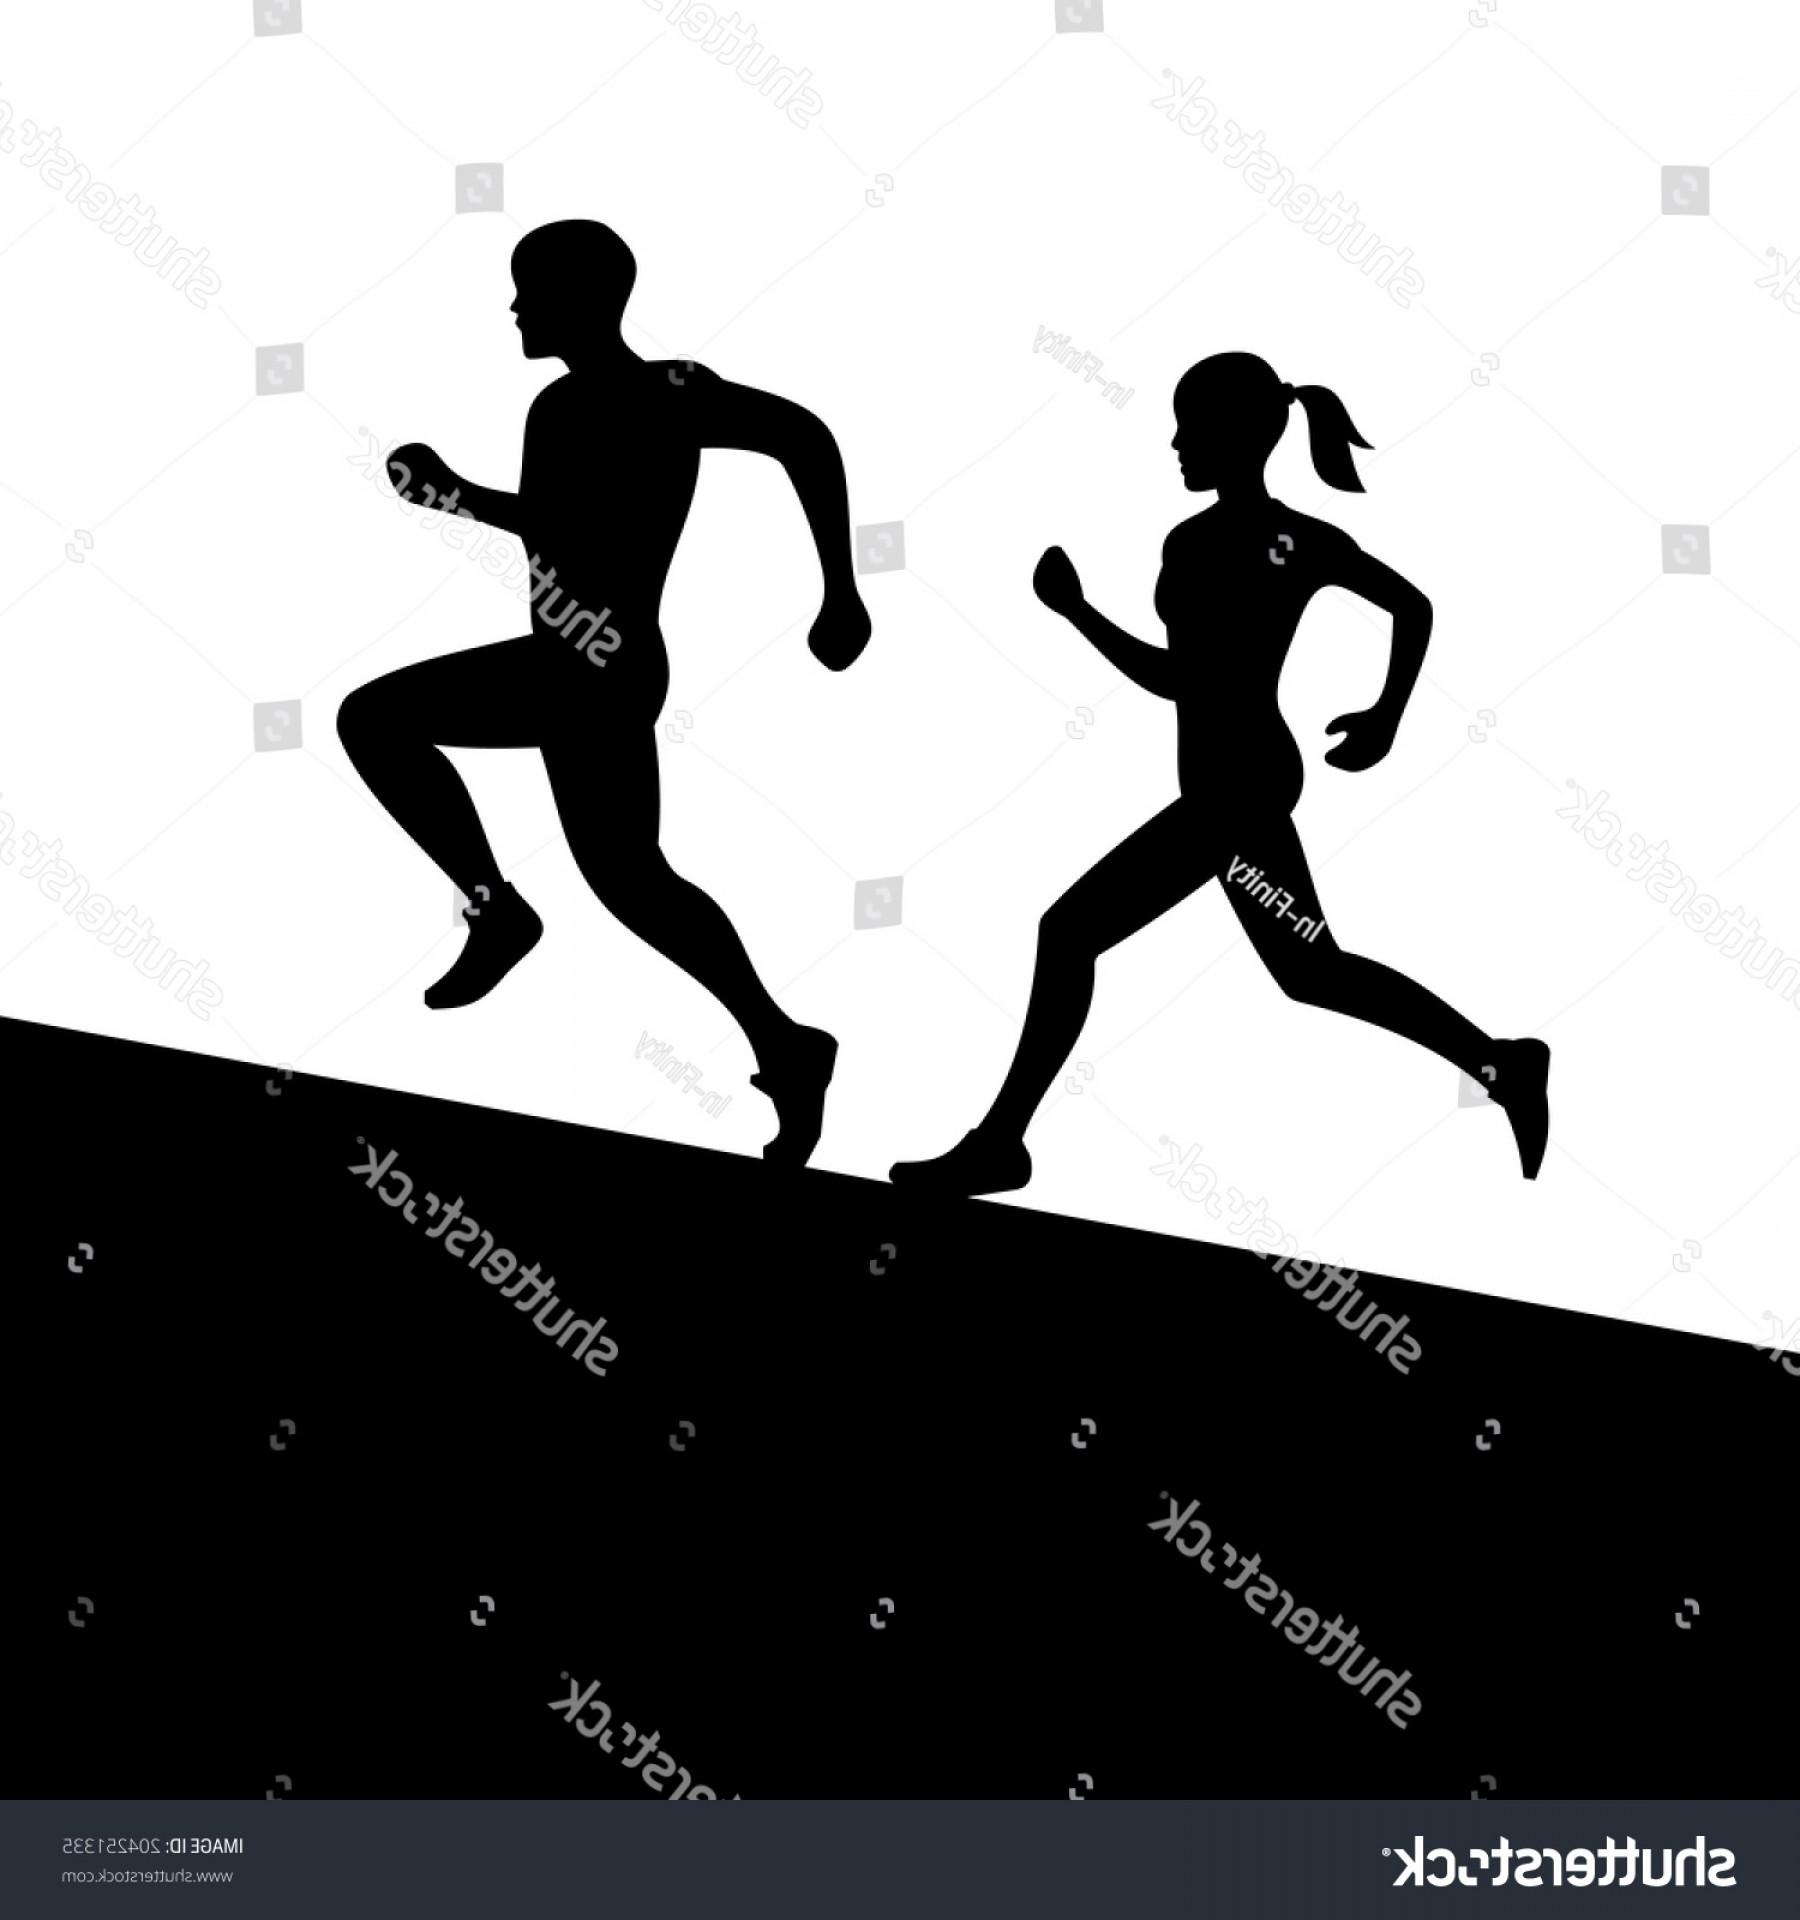 1800x1920 Runners Men Women Running Silhouette Vector Shopatcloth